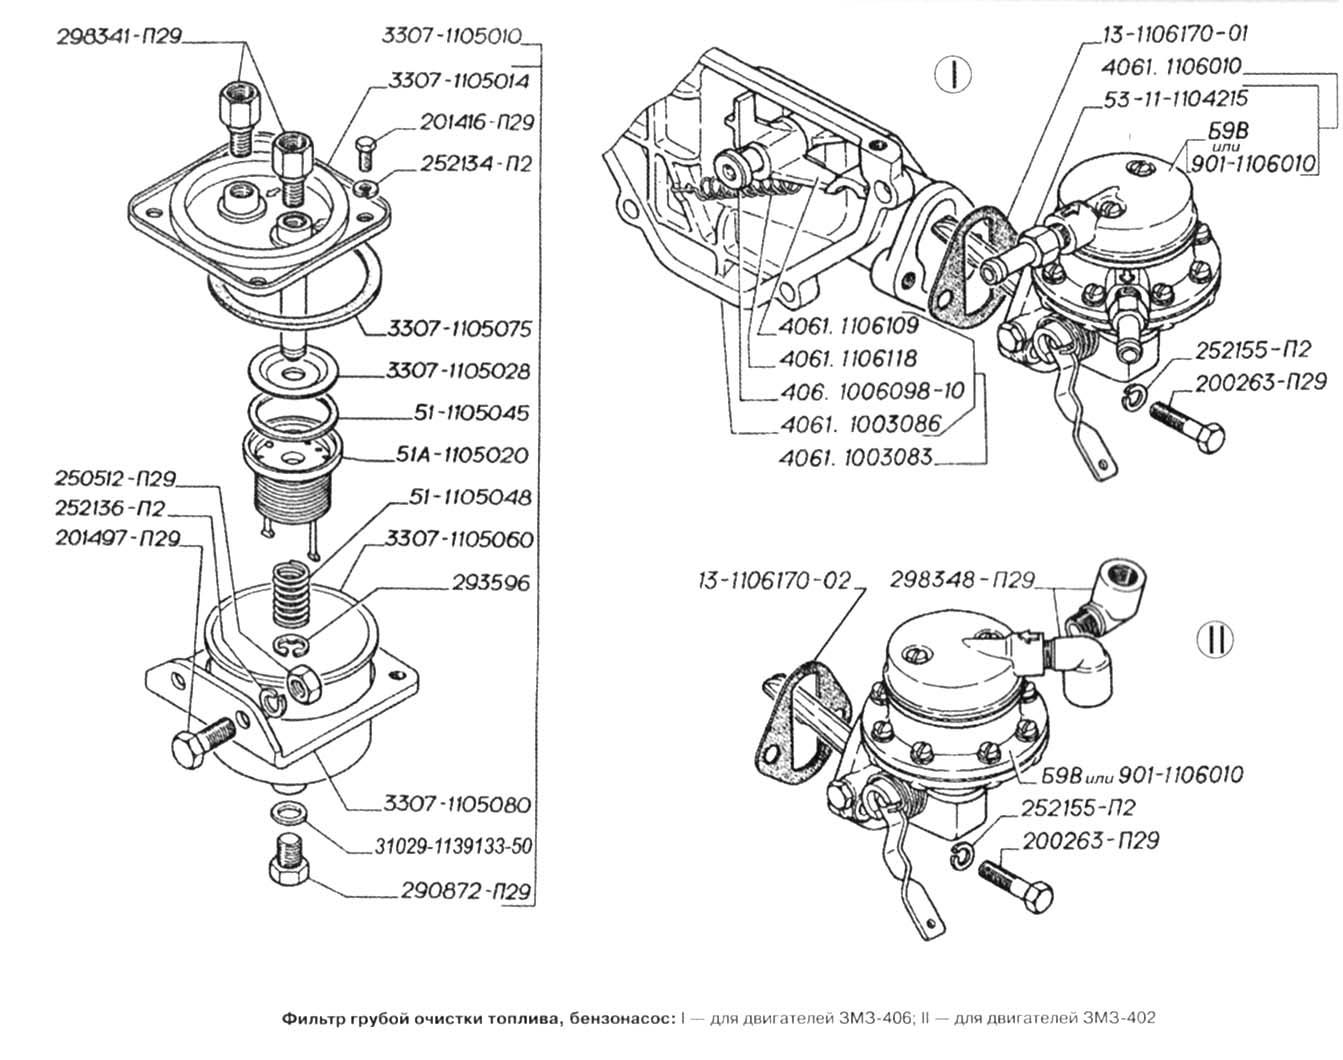 схема бензонасоса змз 406